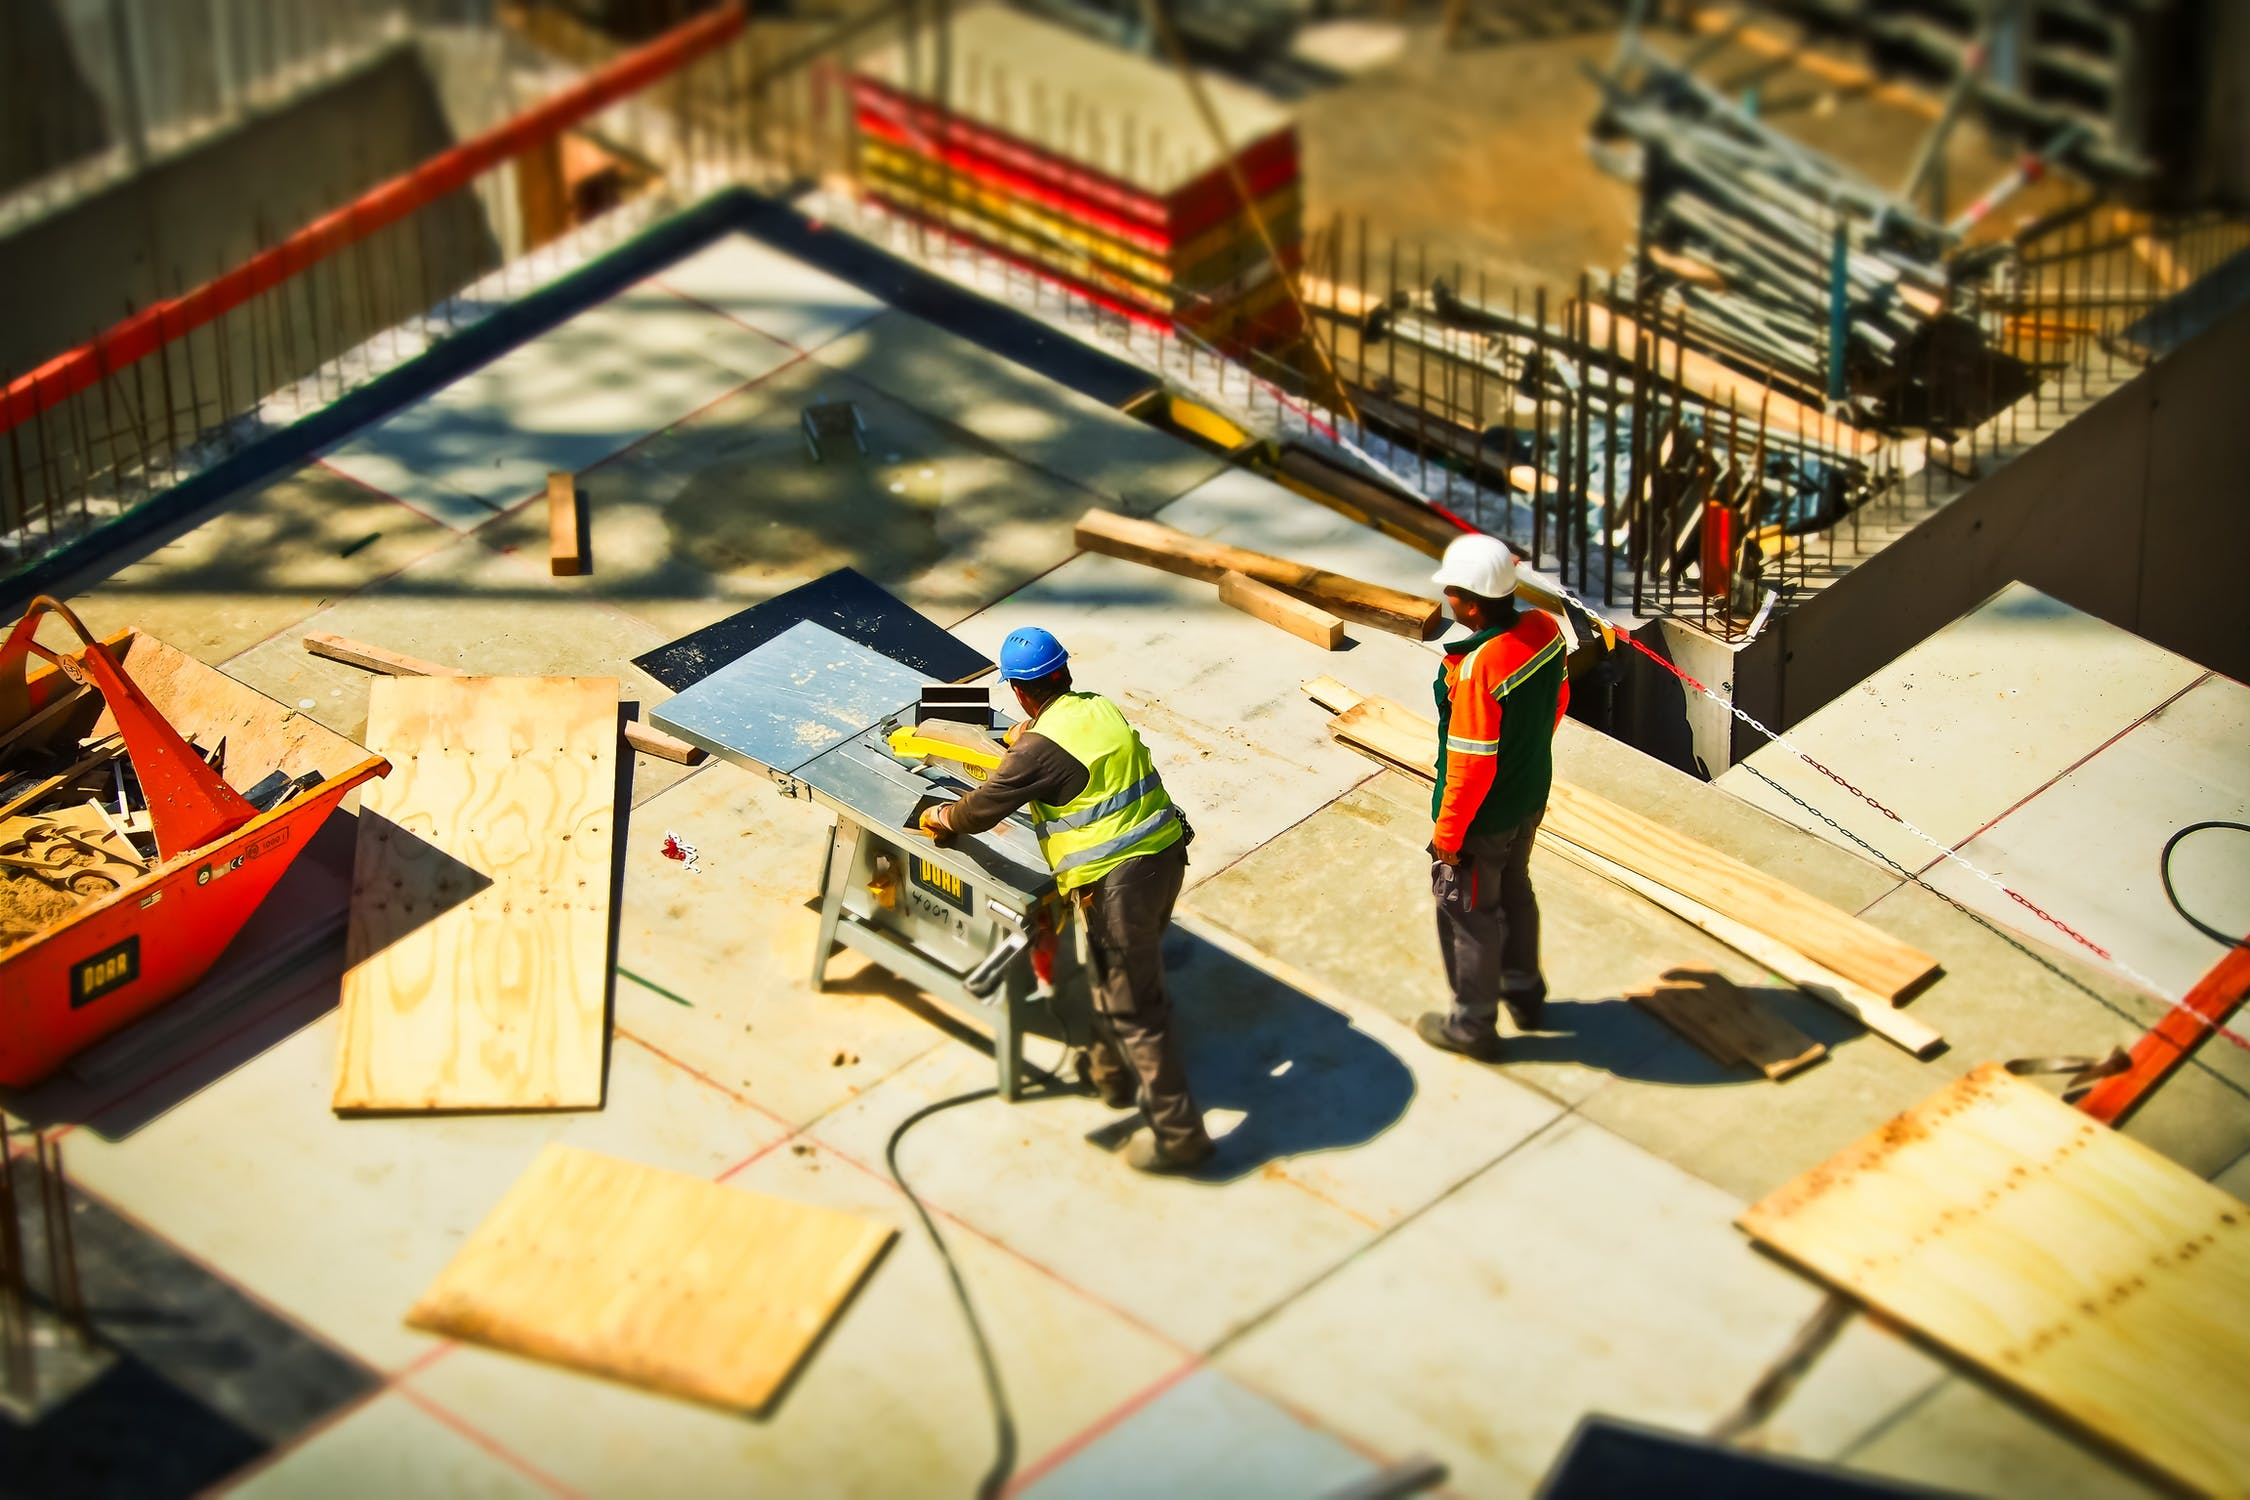 byggeplads